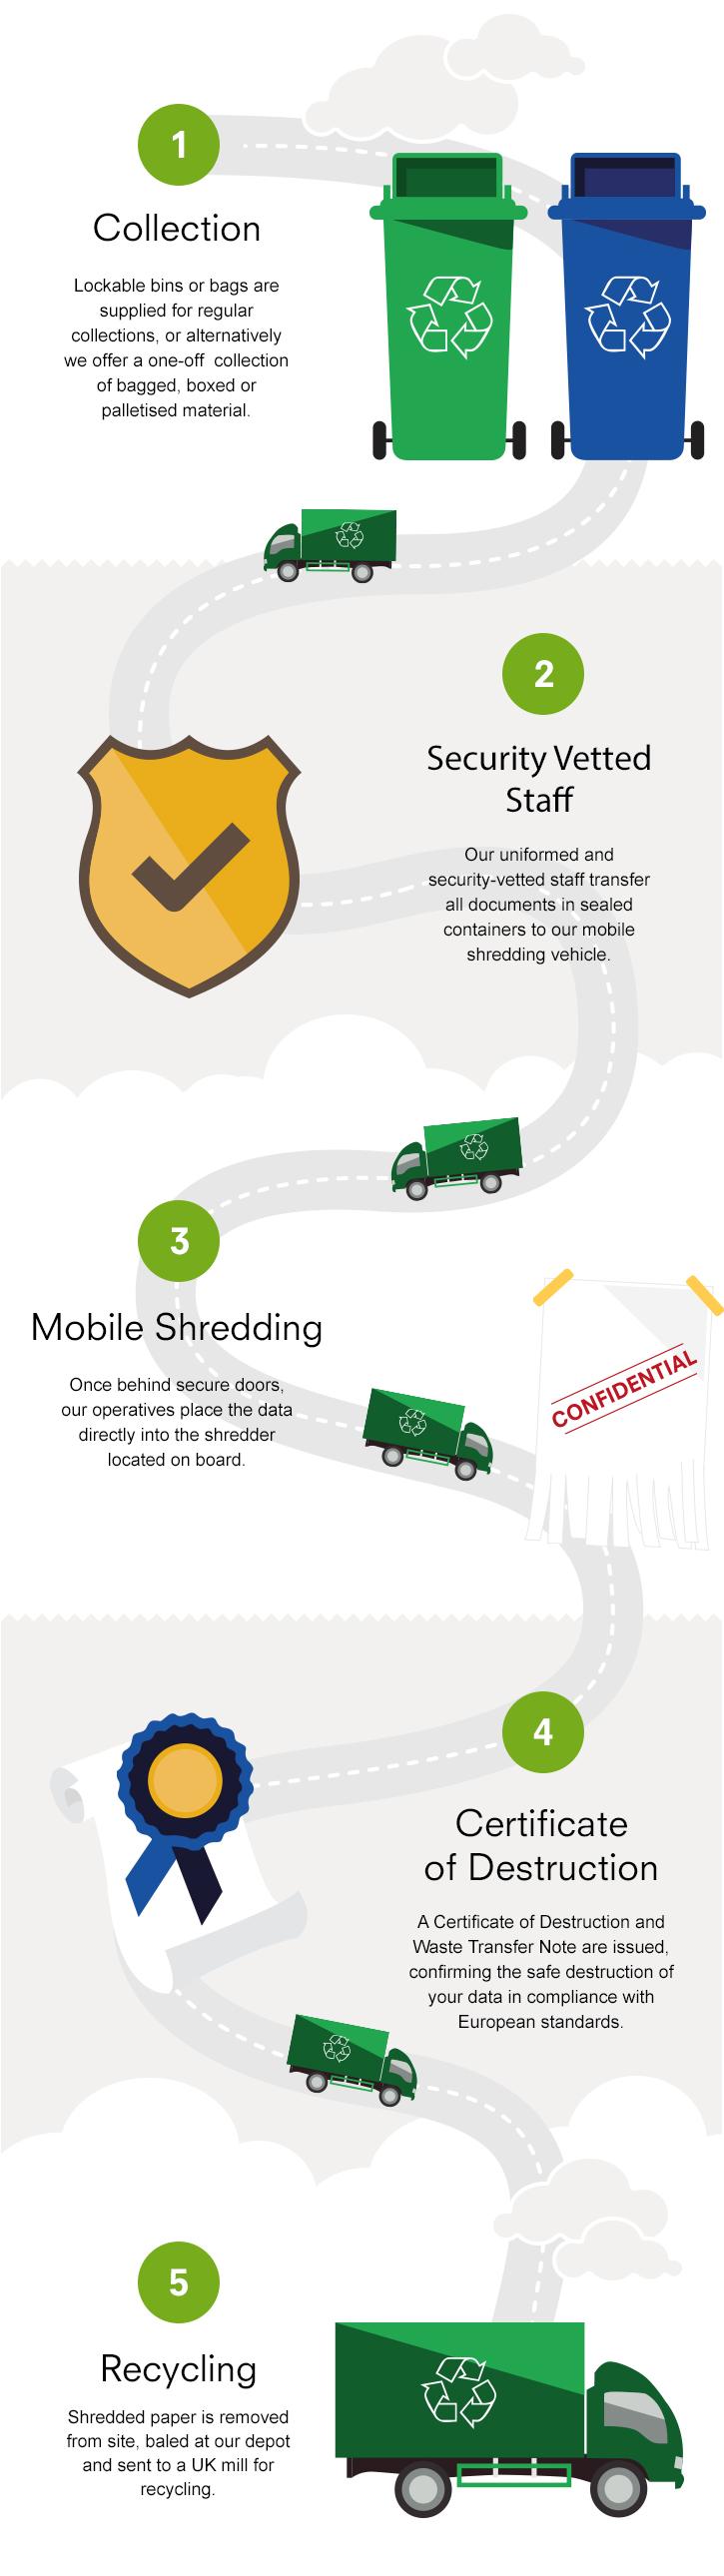 Mobile Shredding